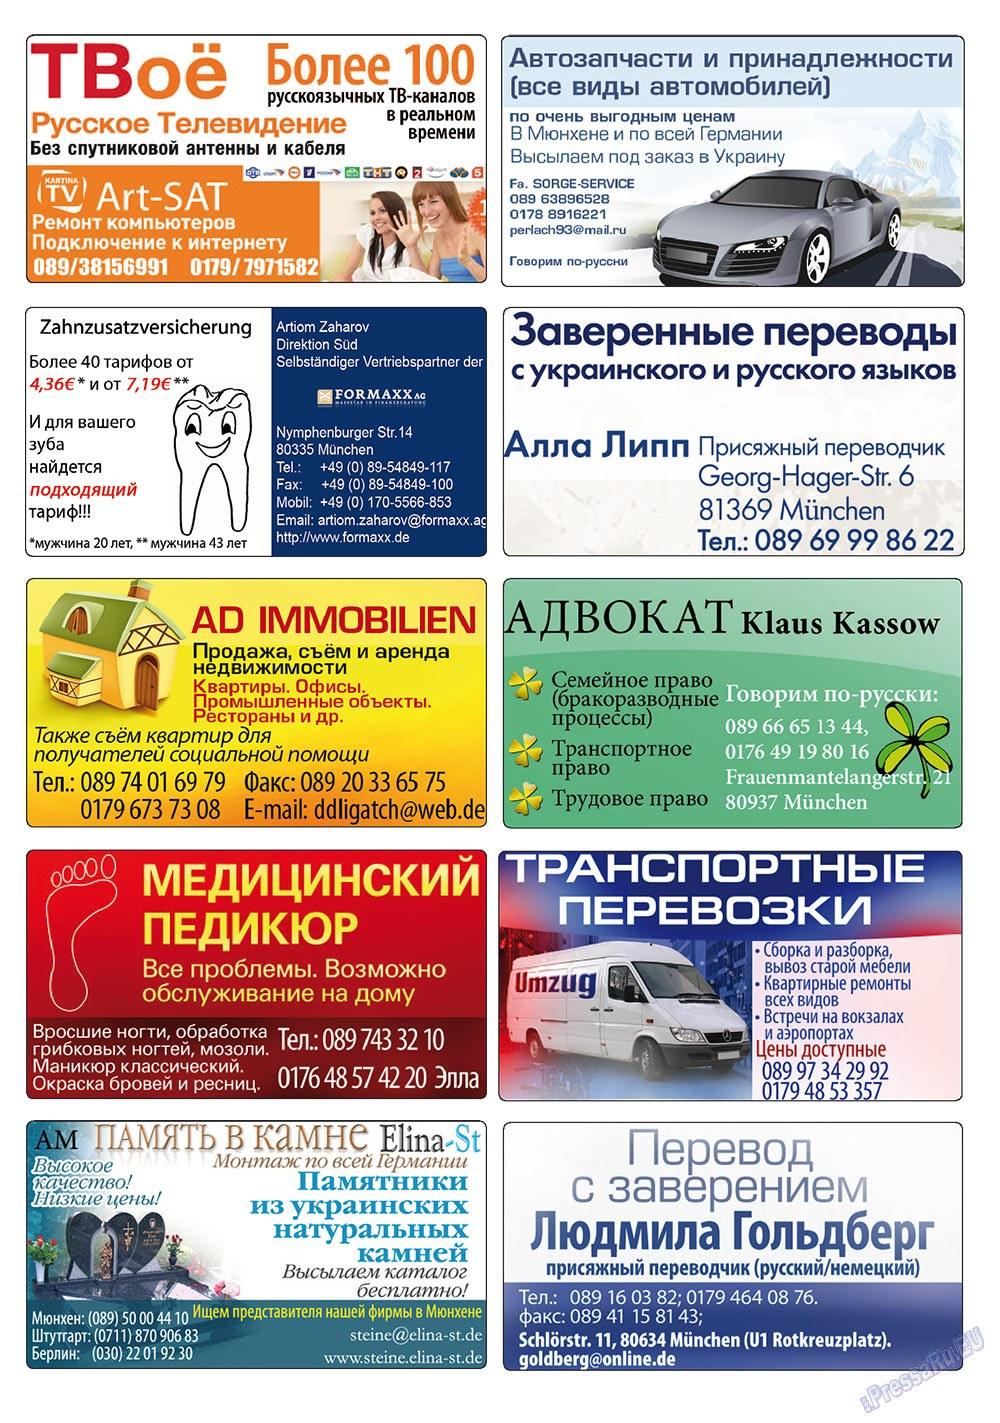 Апельсин (журнал). 2010 год, номер 14, стр. 28